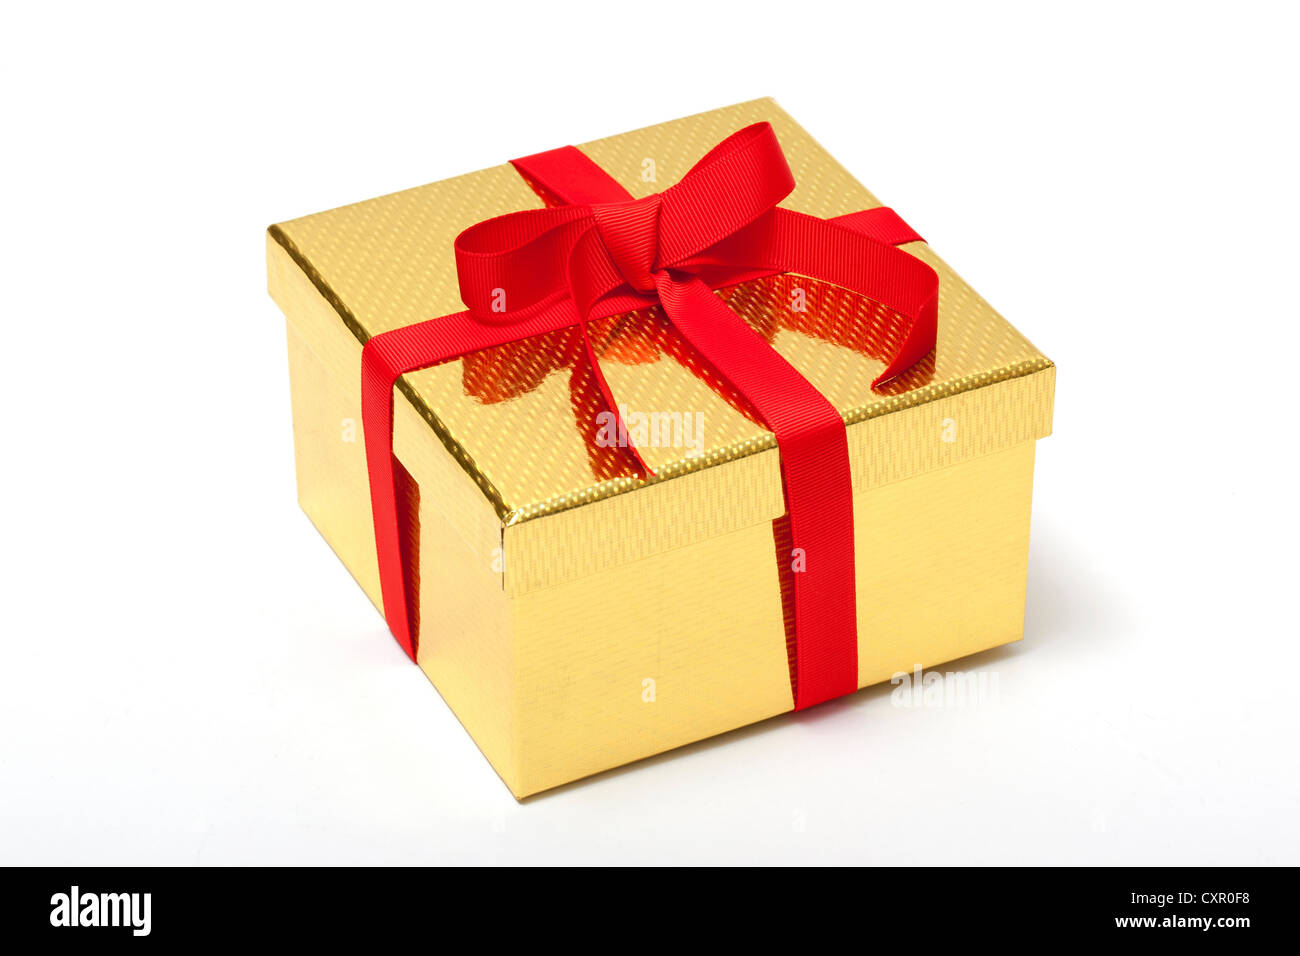 Caja de regalo de oro con una cinta roja Imagen De Stock